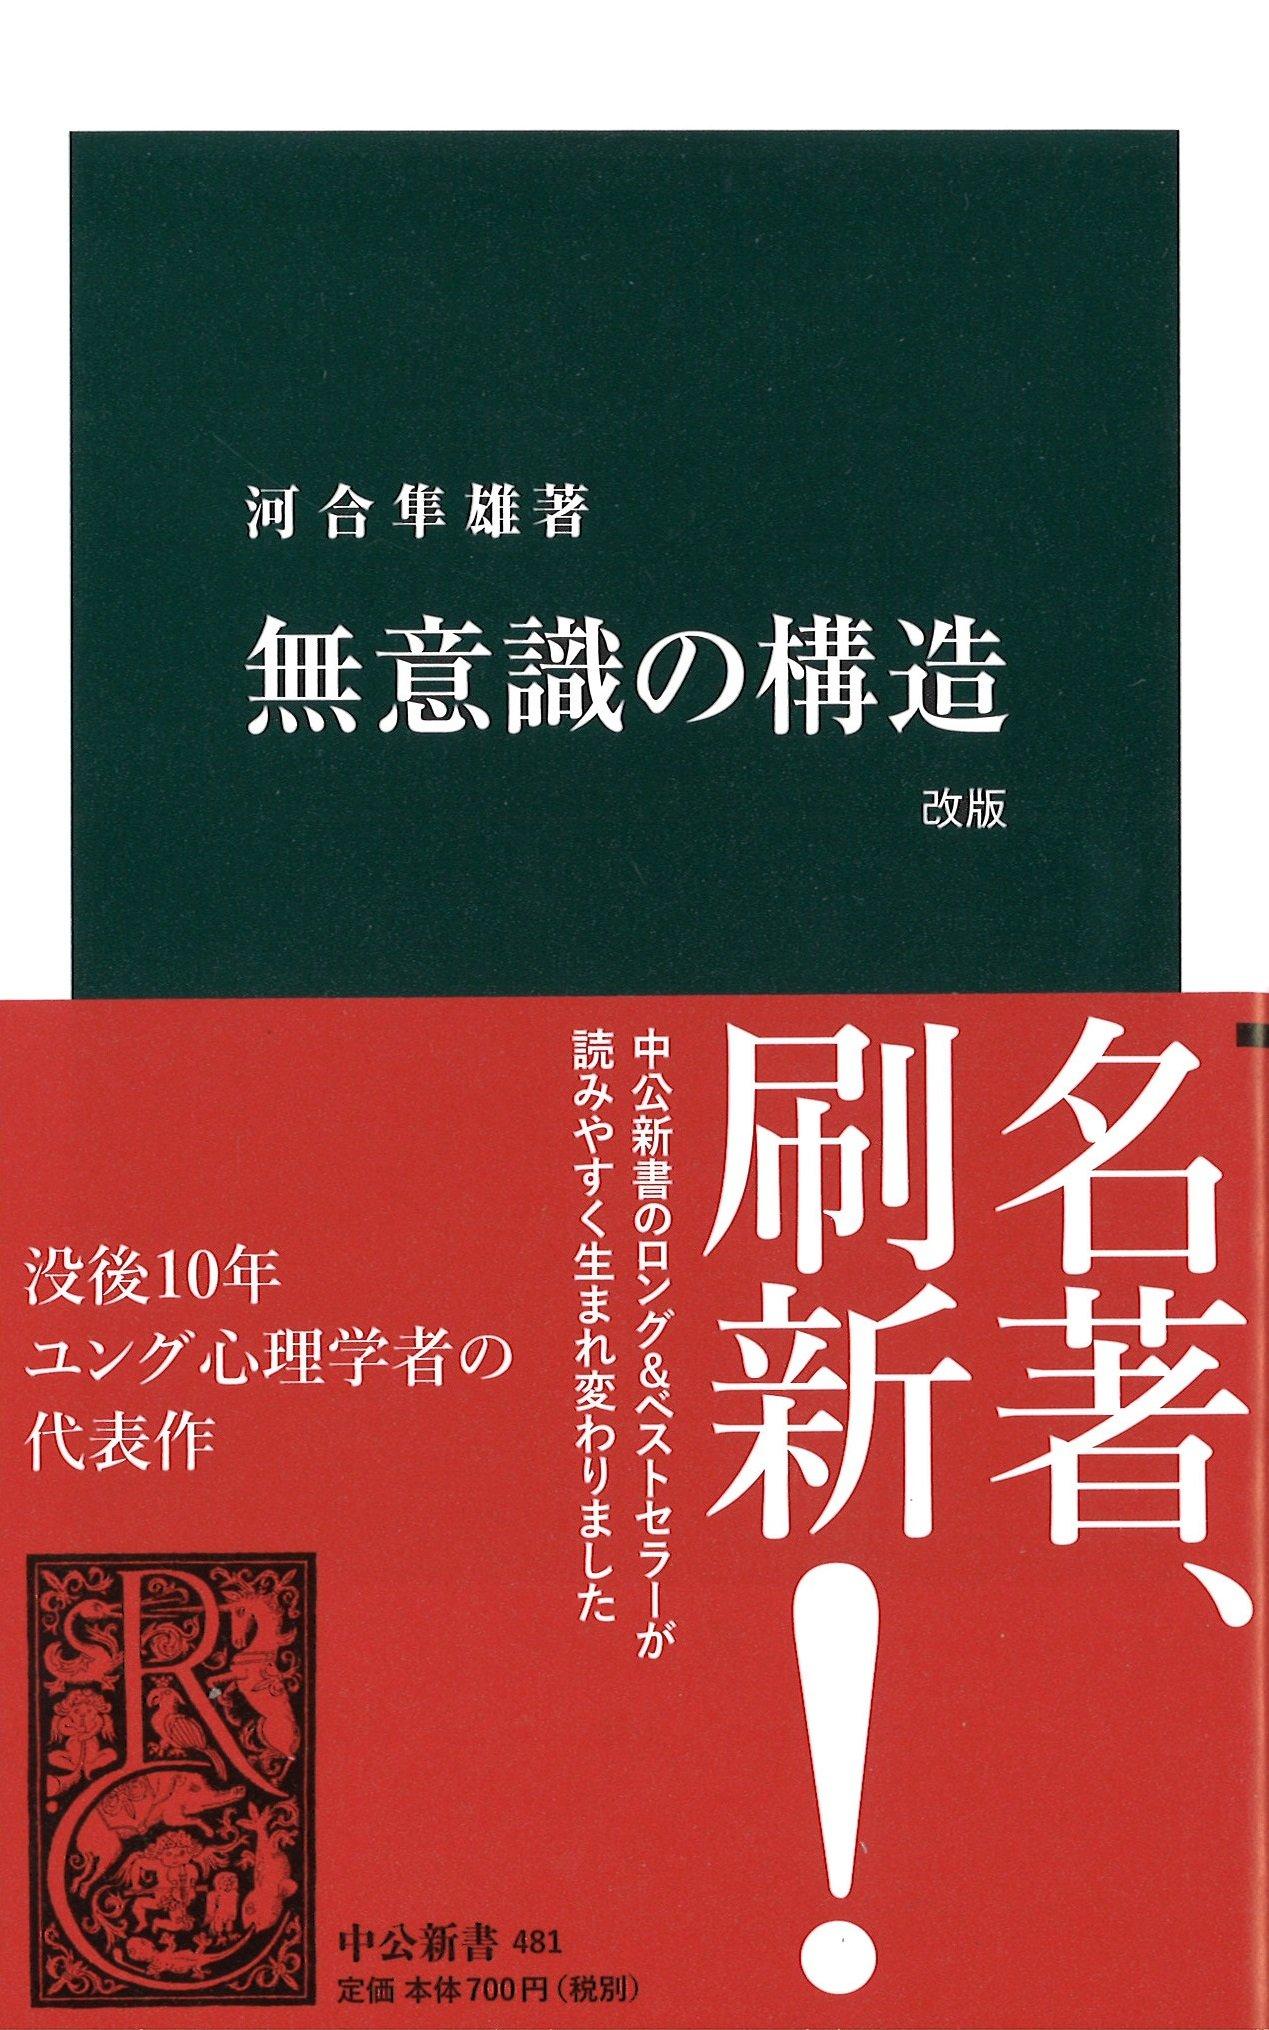 河合隼雄(2017)『無意識の構造』中央公論新社